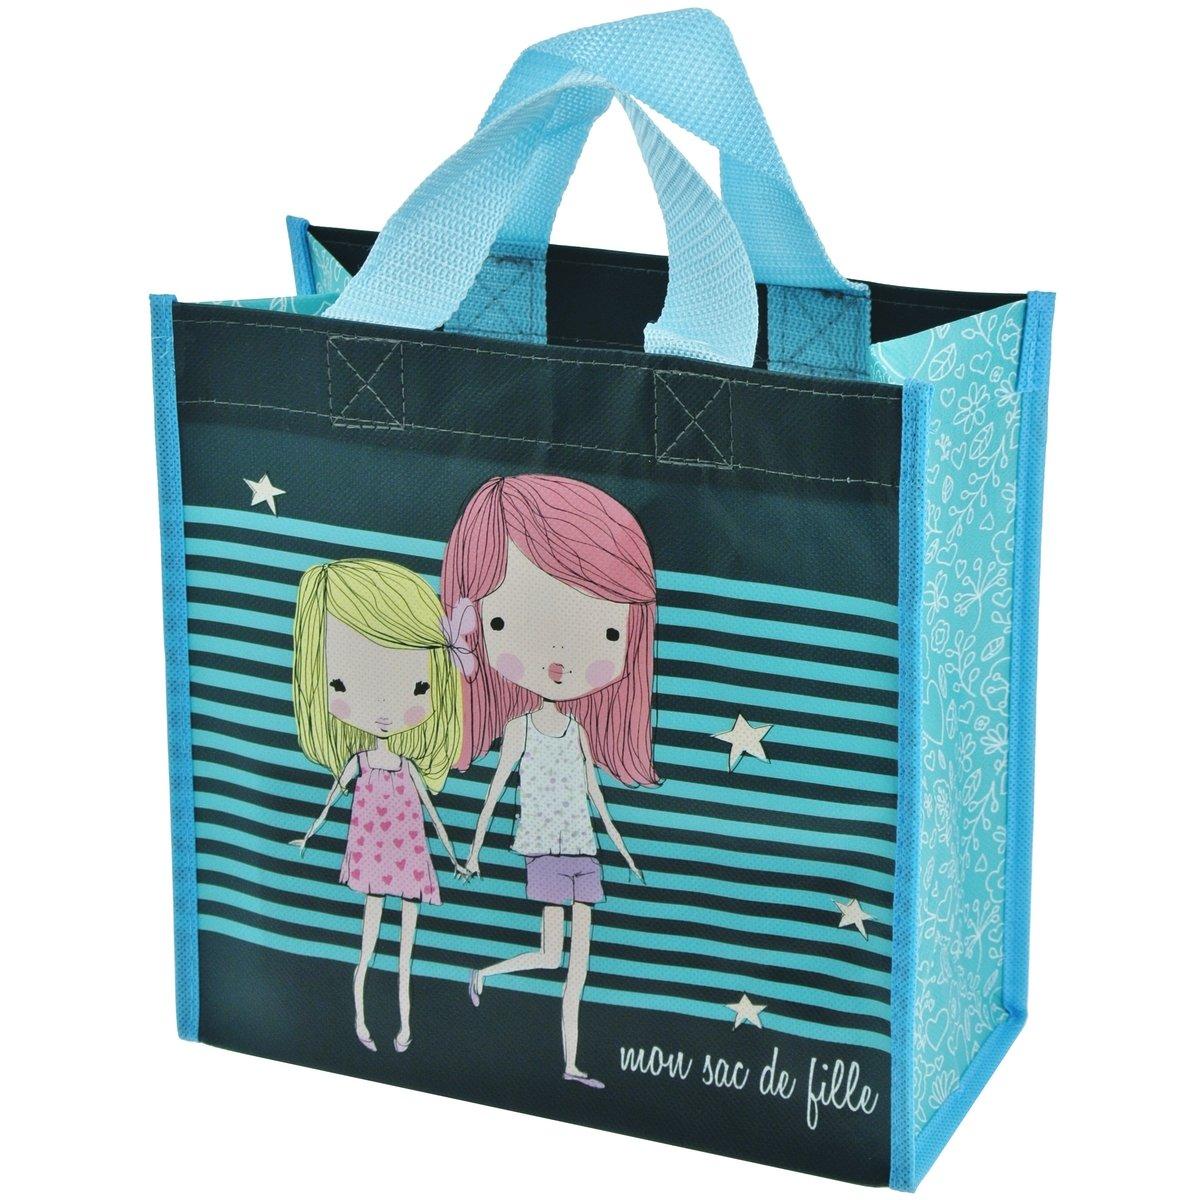 Promobo - Sac Pour Courses Cabas Shopping Girly Mon Sac De Fille Bleu cabasgirlysacfille